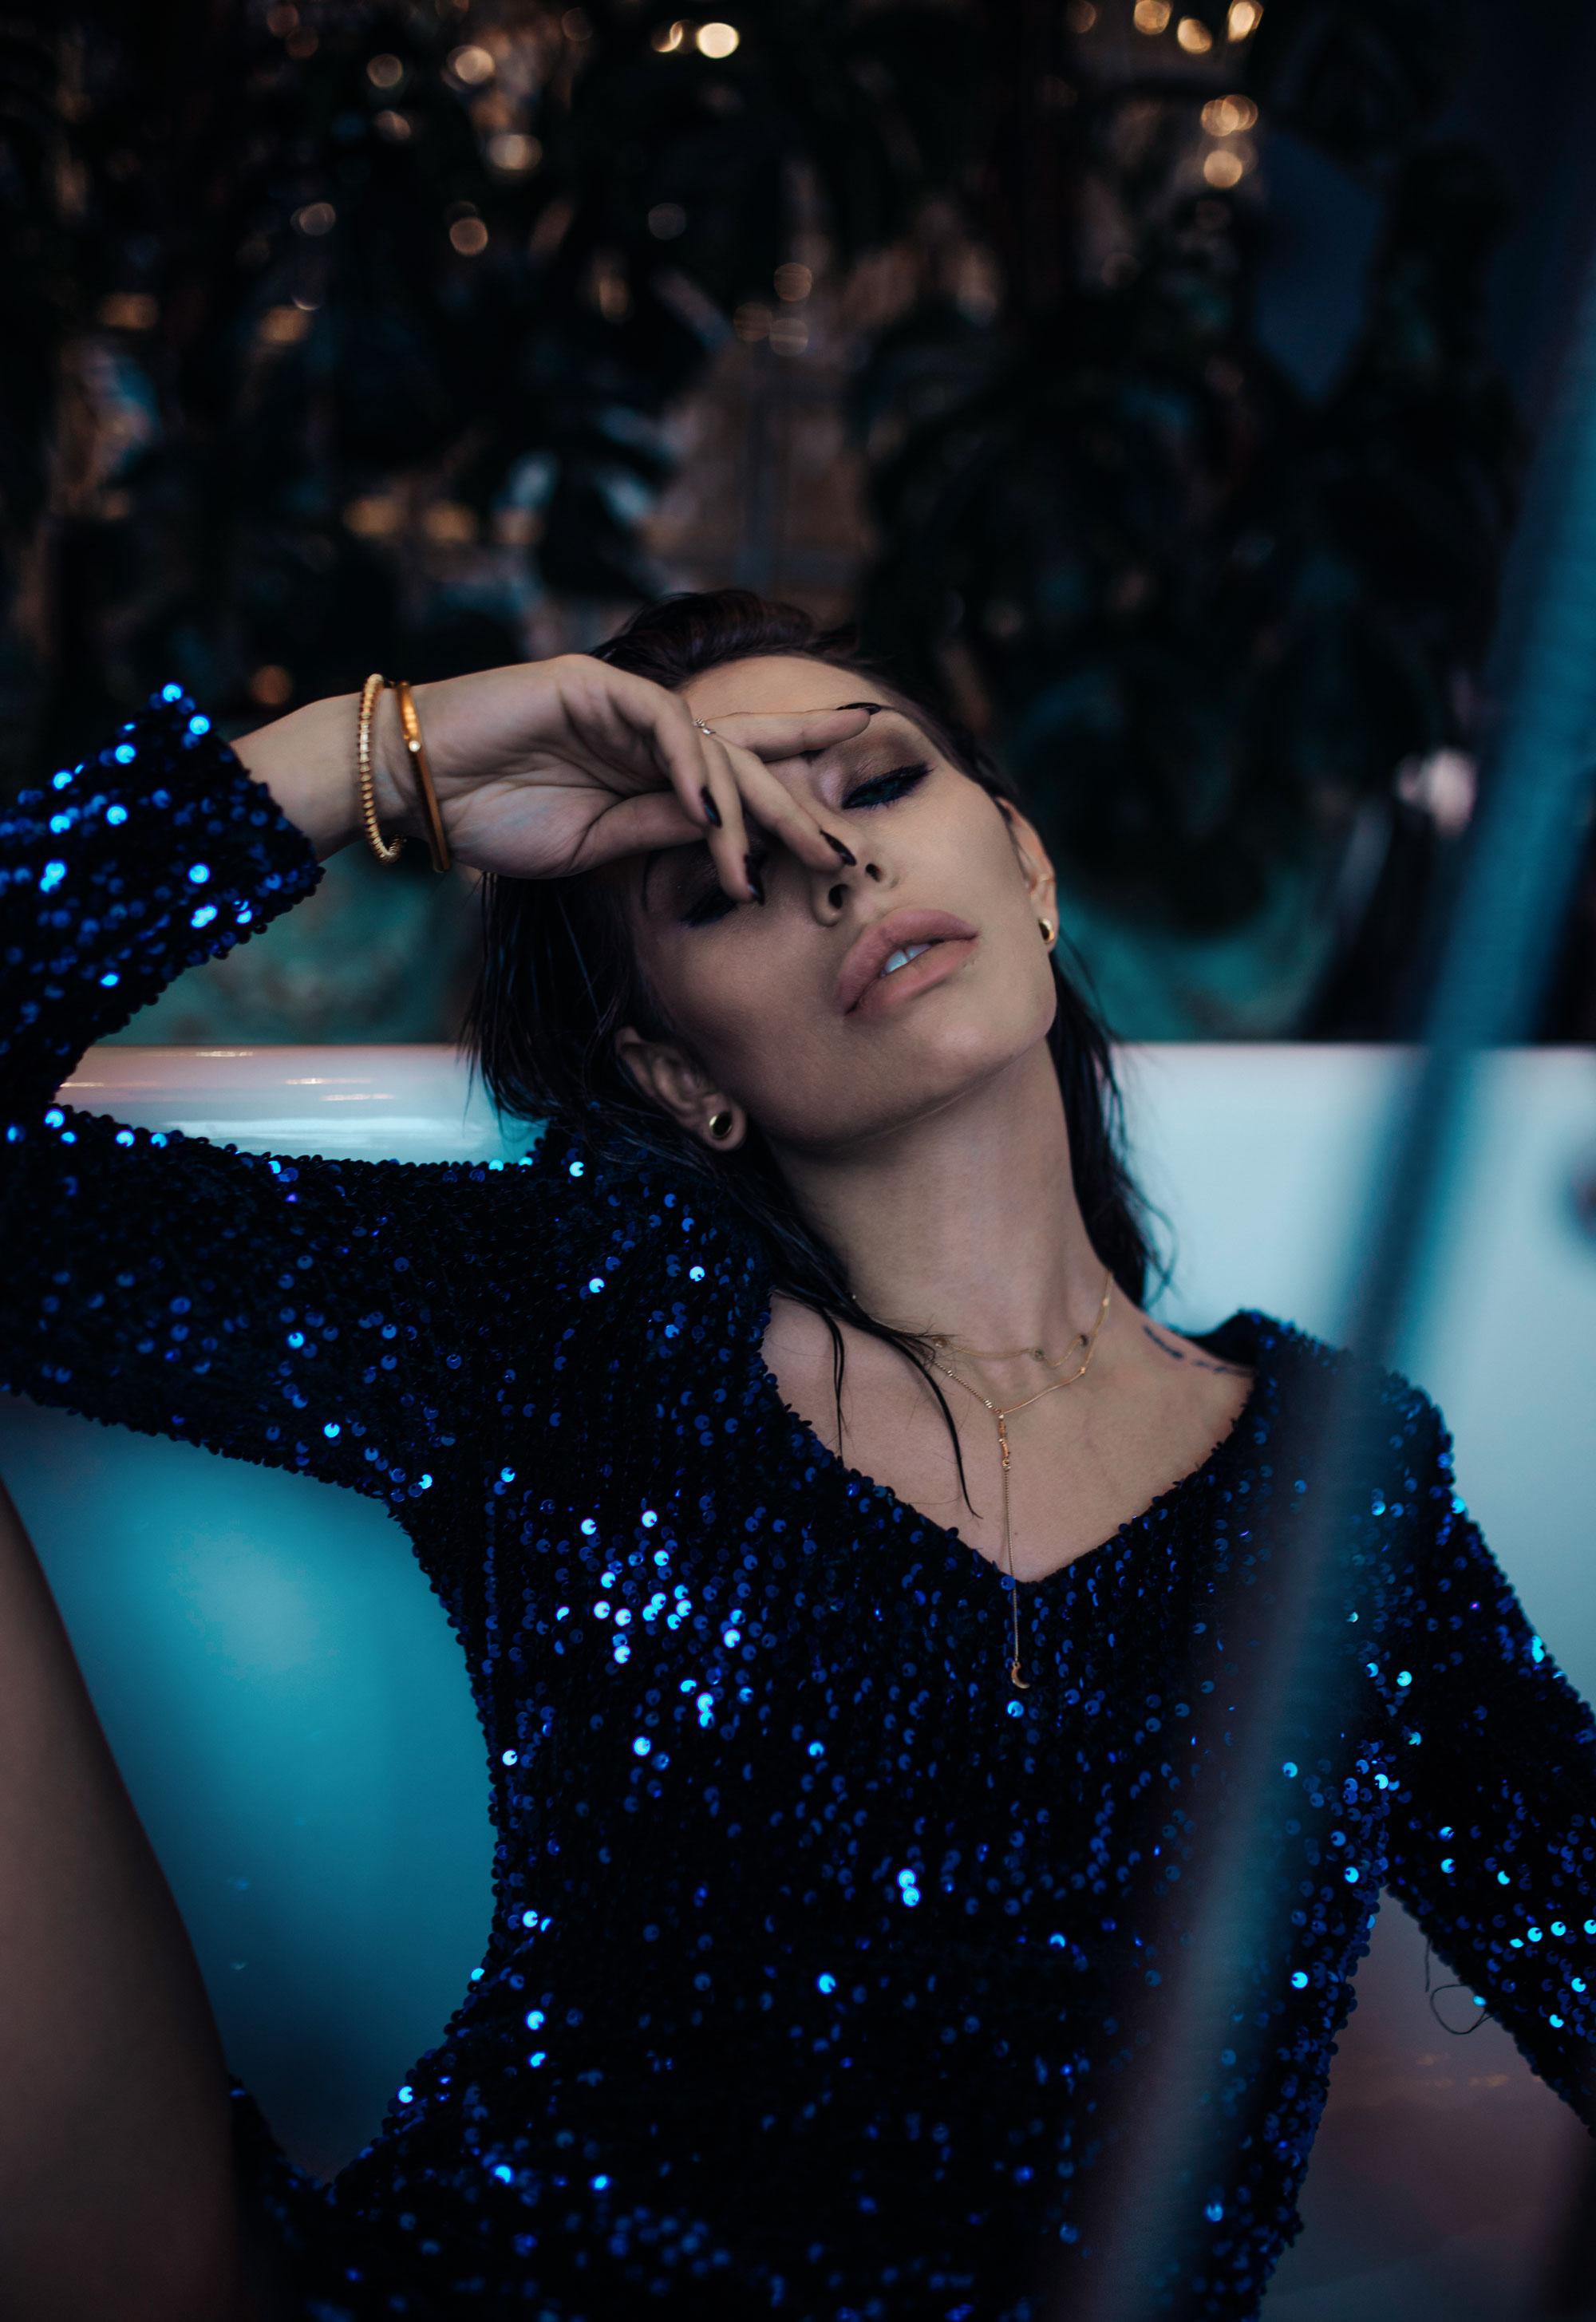 Festliche Kleider für Weihnachten und Silvester | style: glamour, sexy, festlich, party | Trend: Partykleid | Alle Kleider von Fashion ID | Editorial Shooting im Grand Ferdinand Hotel in Wien